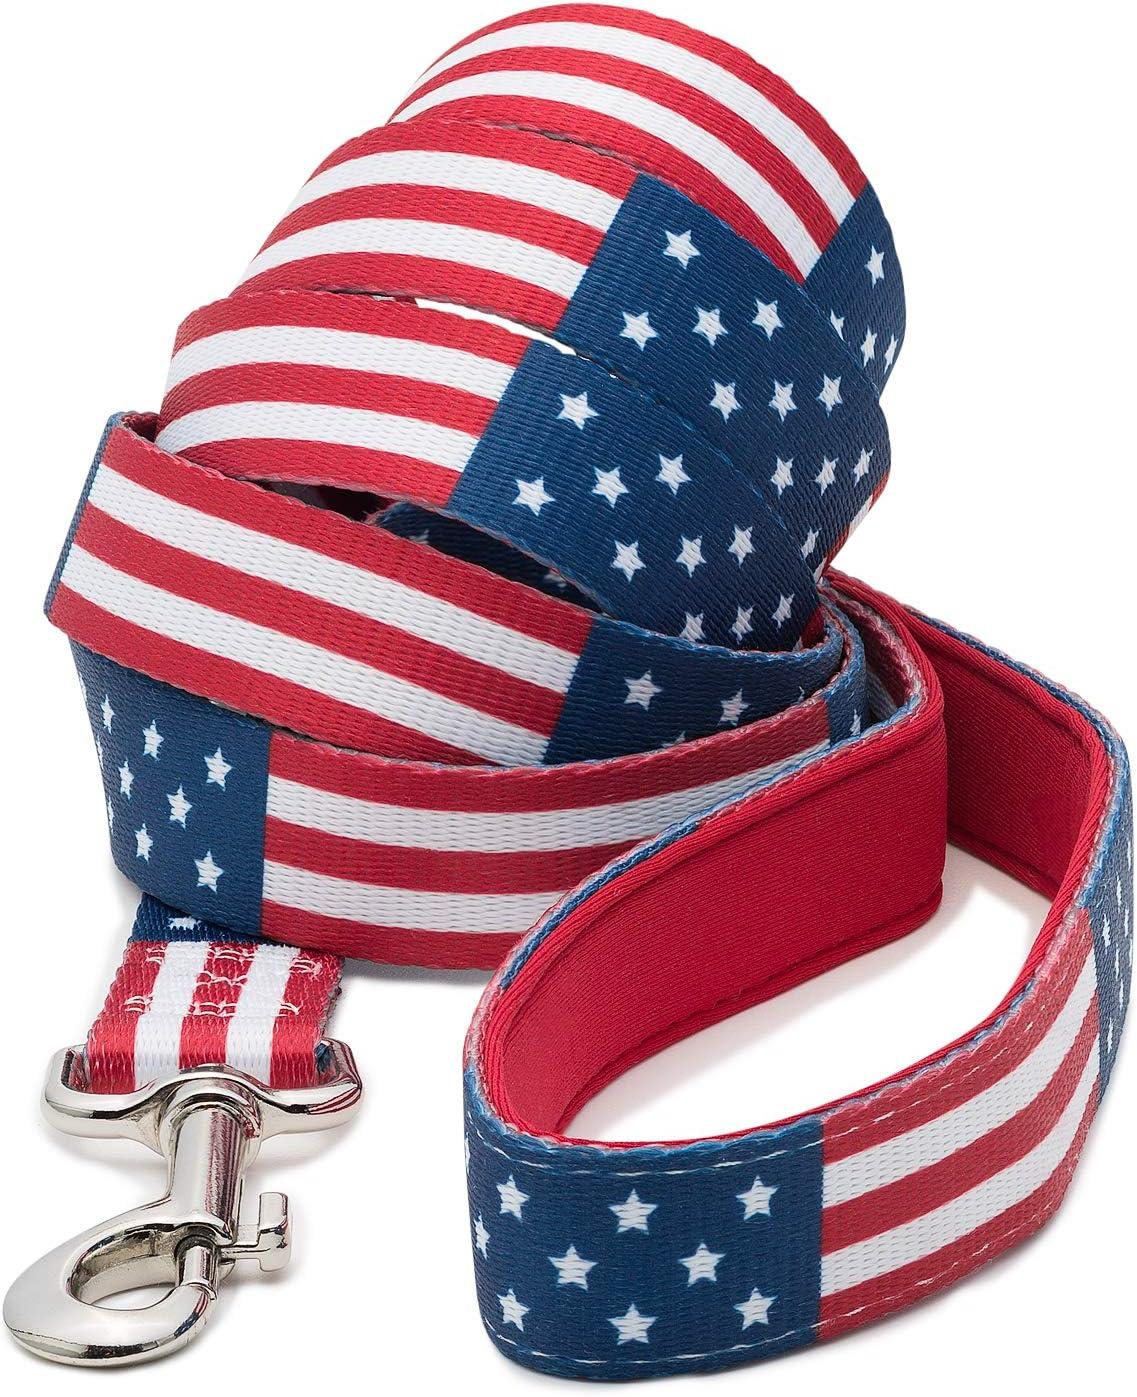 Correa para perro con bandera estadounidense: Amazon.es: Productos para mascotas